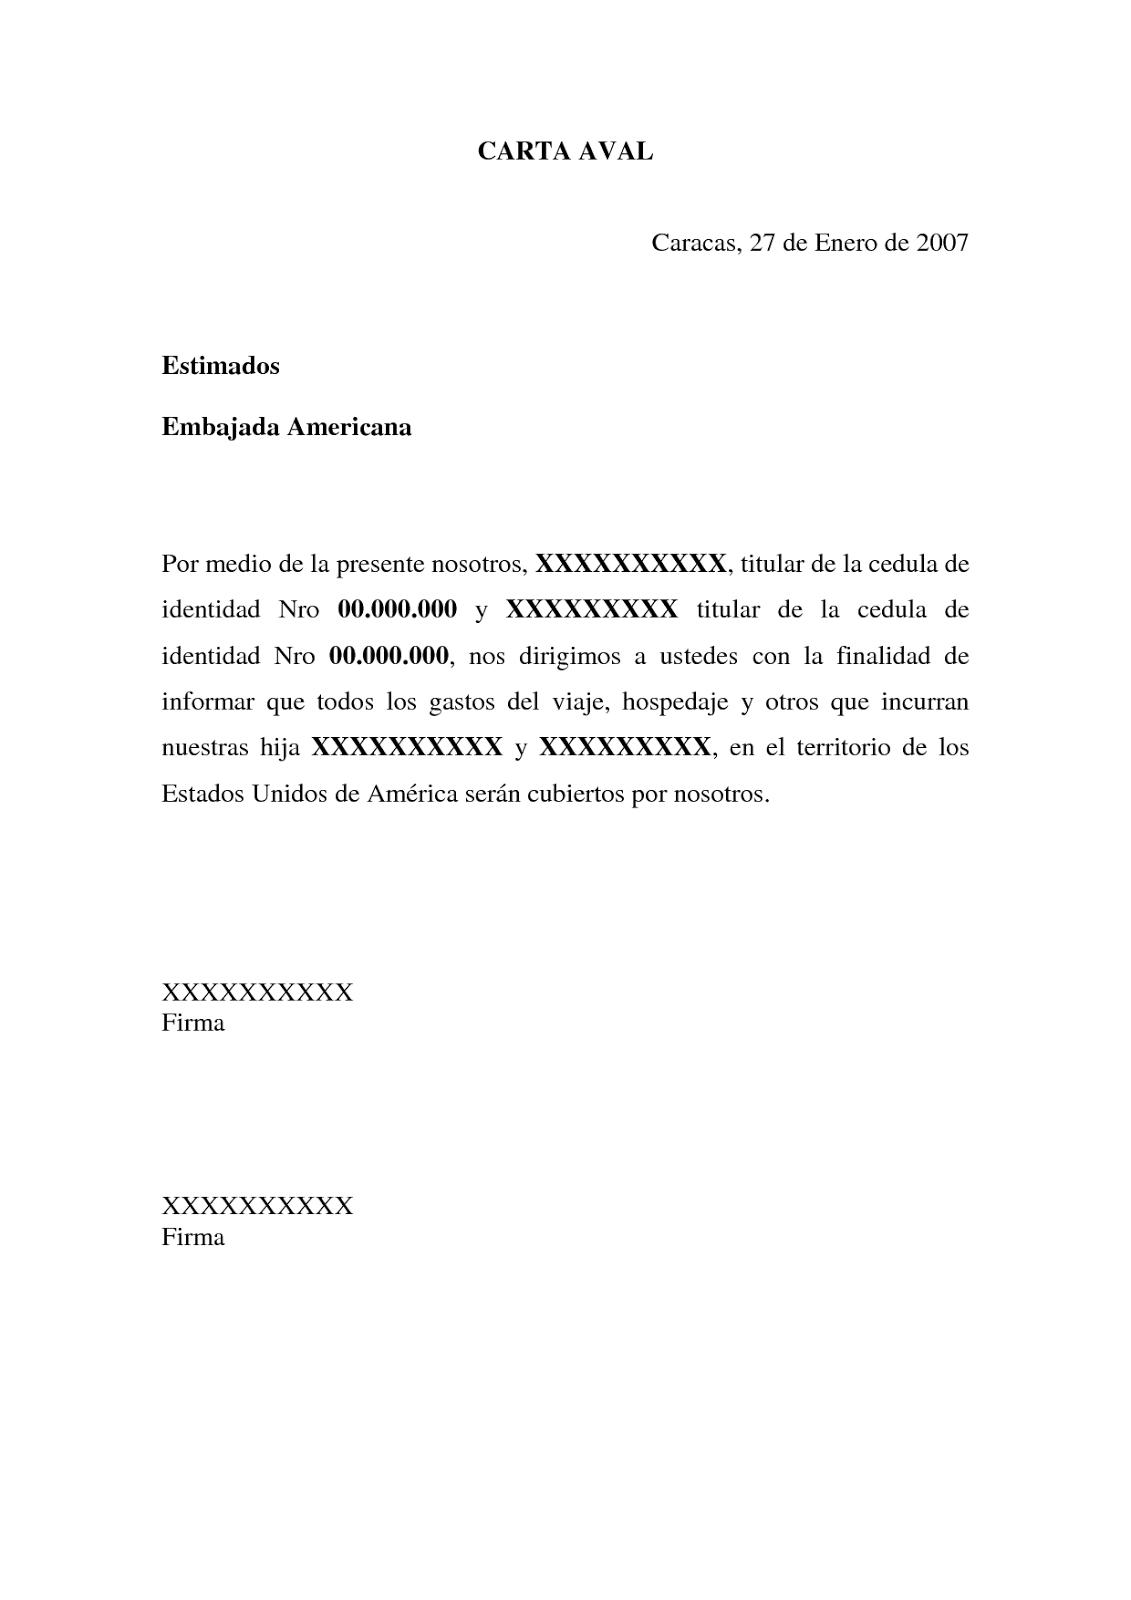 Consejo comunal el marqu s sur for Solicitud de chequera